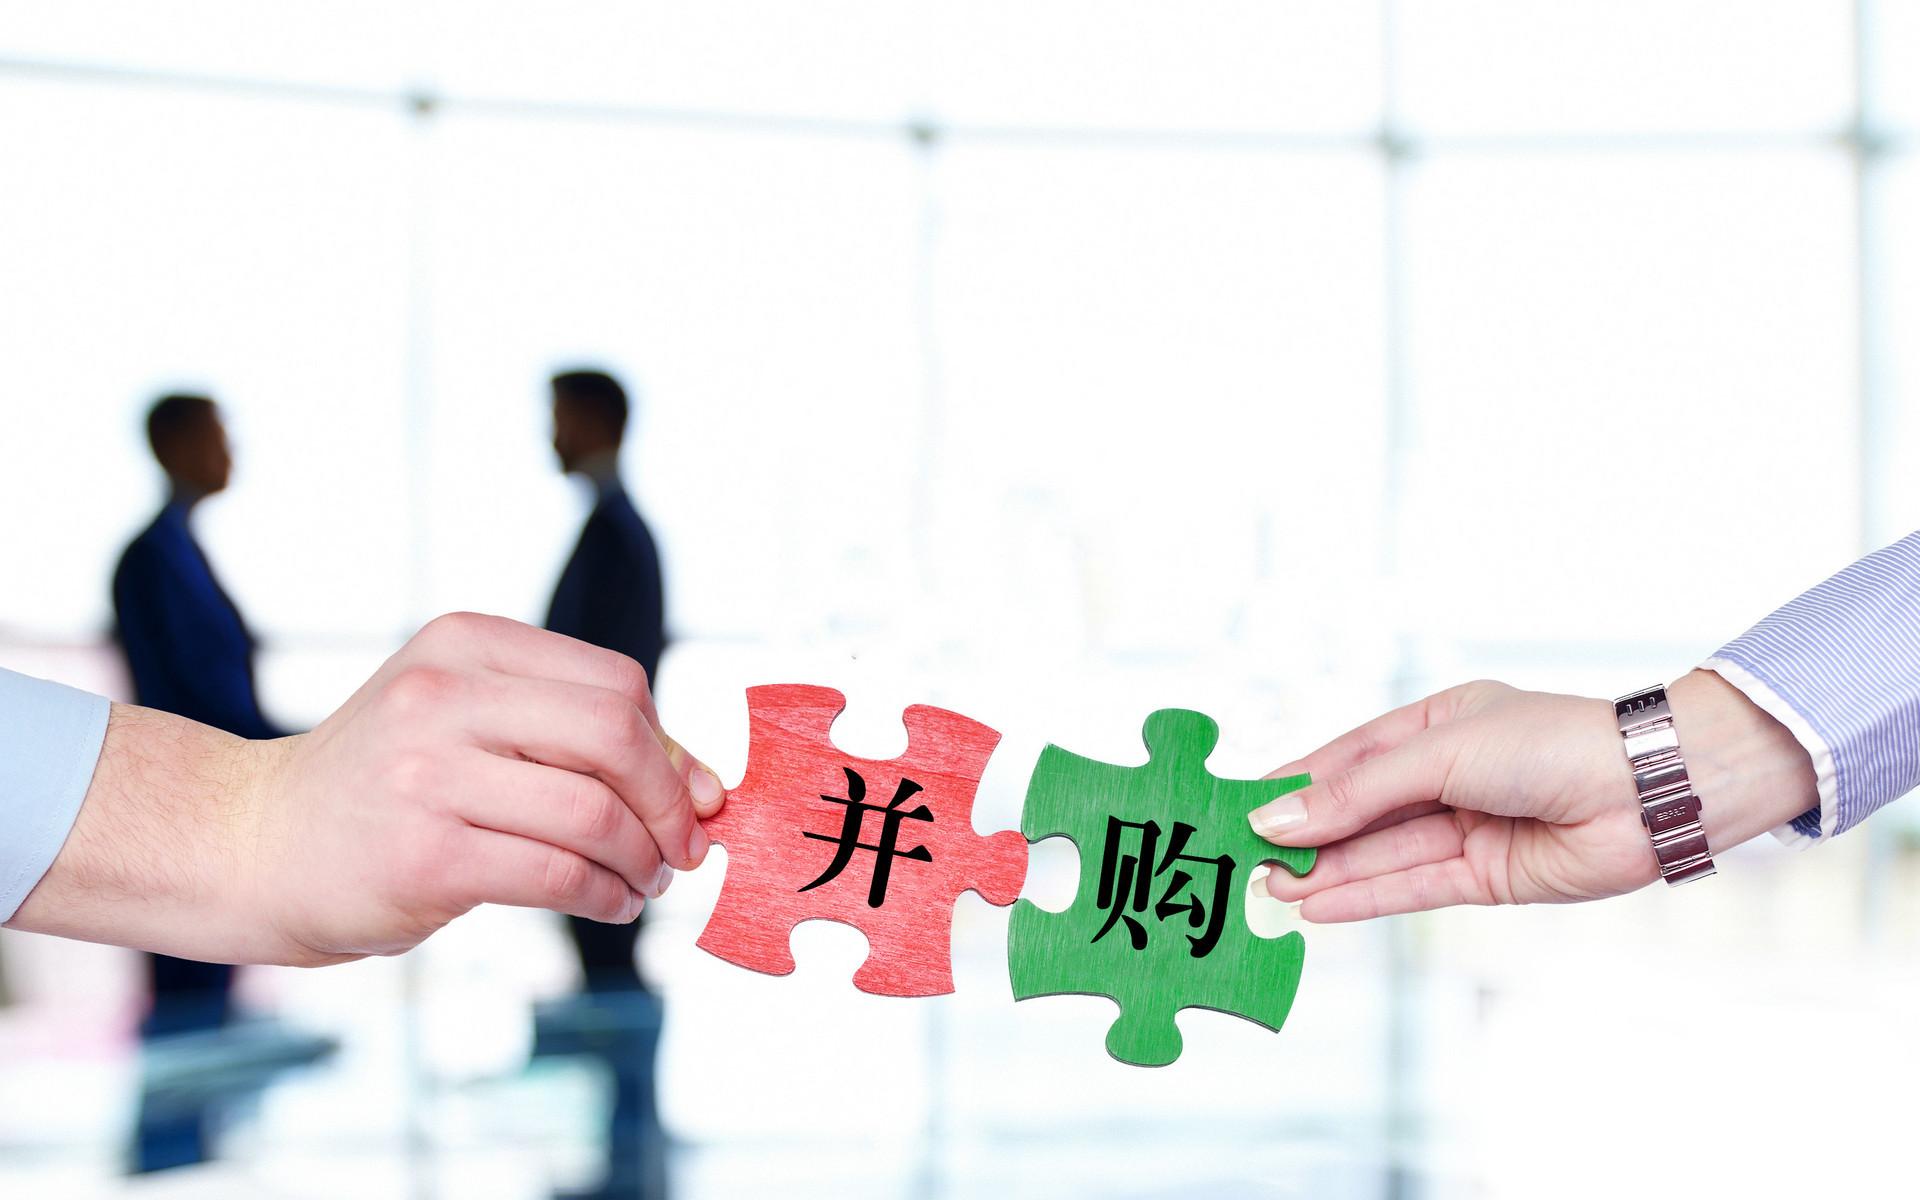 860%高溢价收购关联公司股权 *ST步森被深交所问询